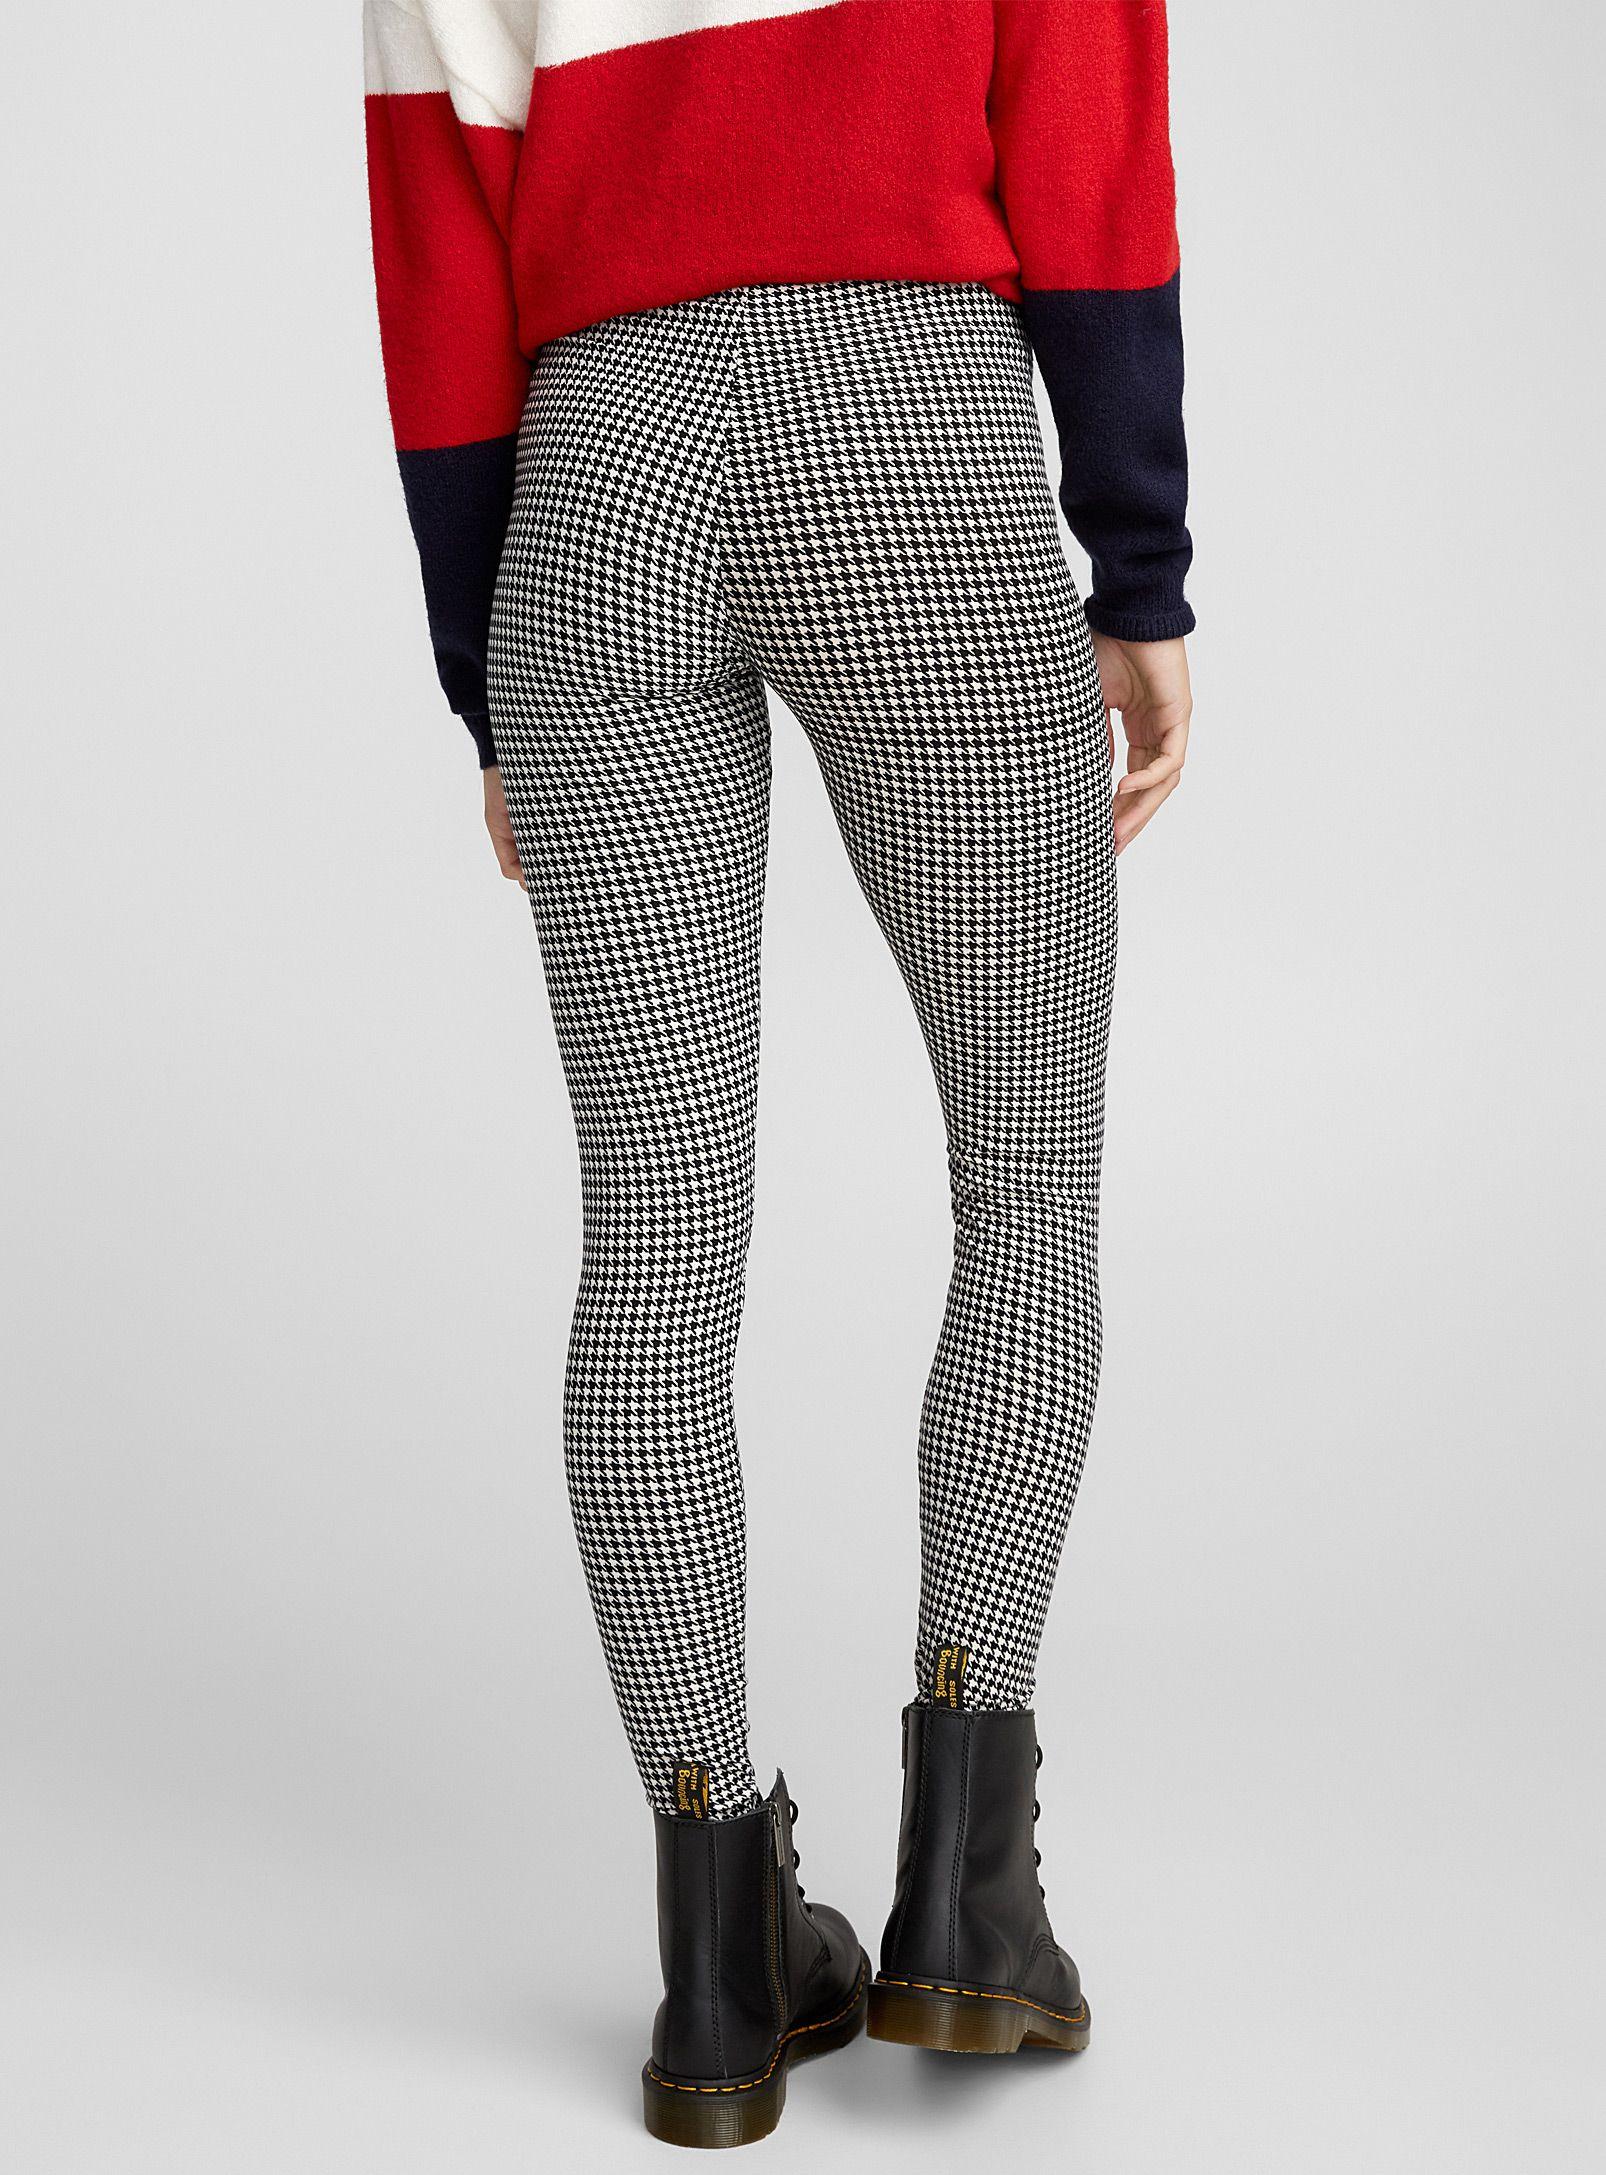 bd0e011cb5672 Soft printed legging